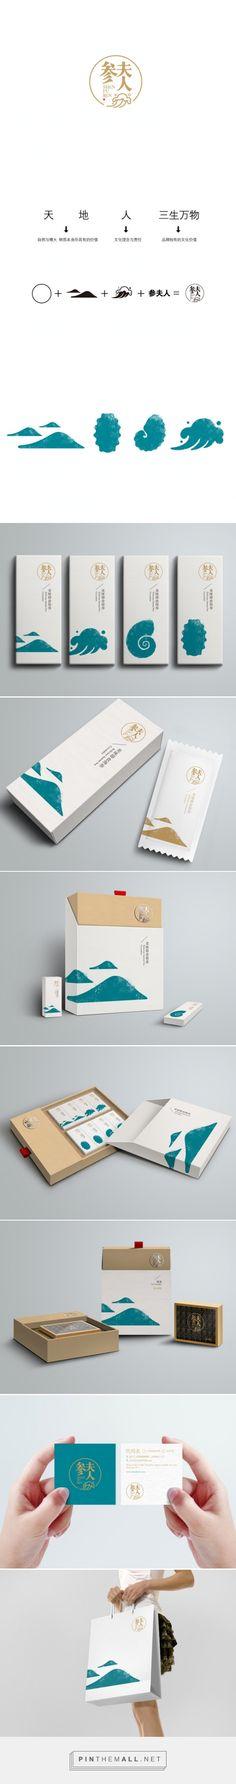 Shen Fu Ren #Ginseng Products #packaging by Lan Sesh - http://www.packagingoftheworld.com/2015/01/shen-fu-ren-ginseng-products.html